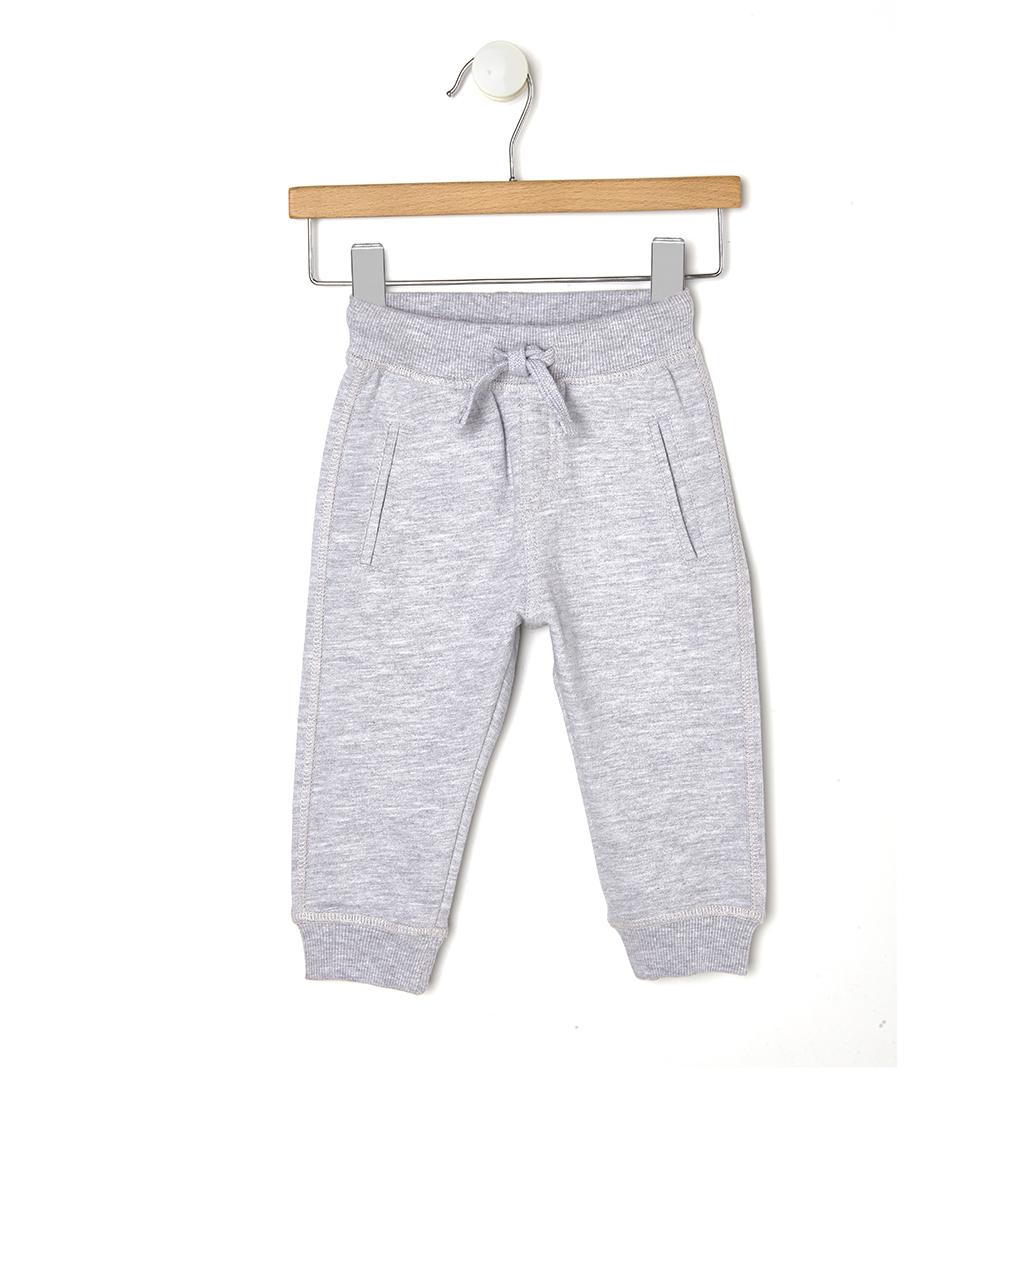 Παντελόνι Φόρμα σε Ανοιχτό Γκρι για Αγόρι